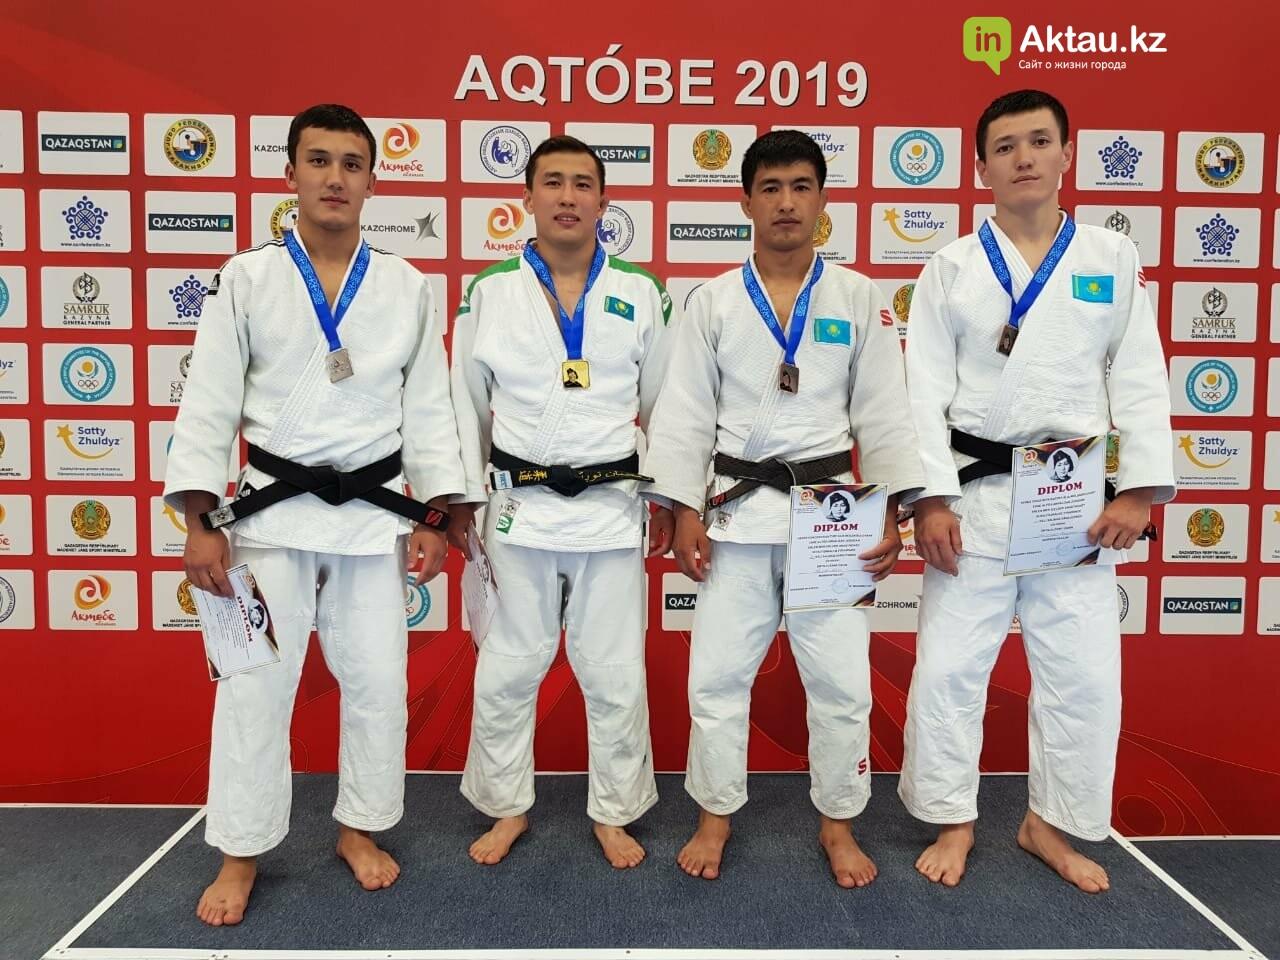 Четыре медали завоевали дзюдоисты из Мангистау на международном турнире, фото-5